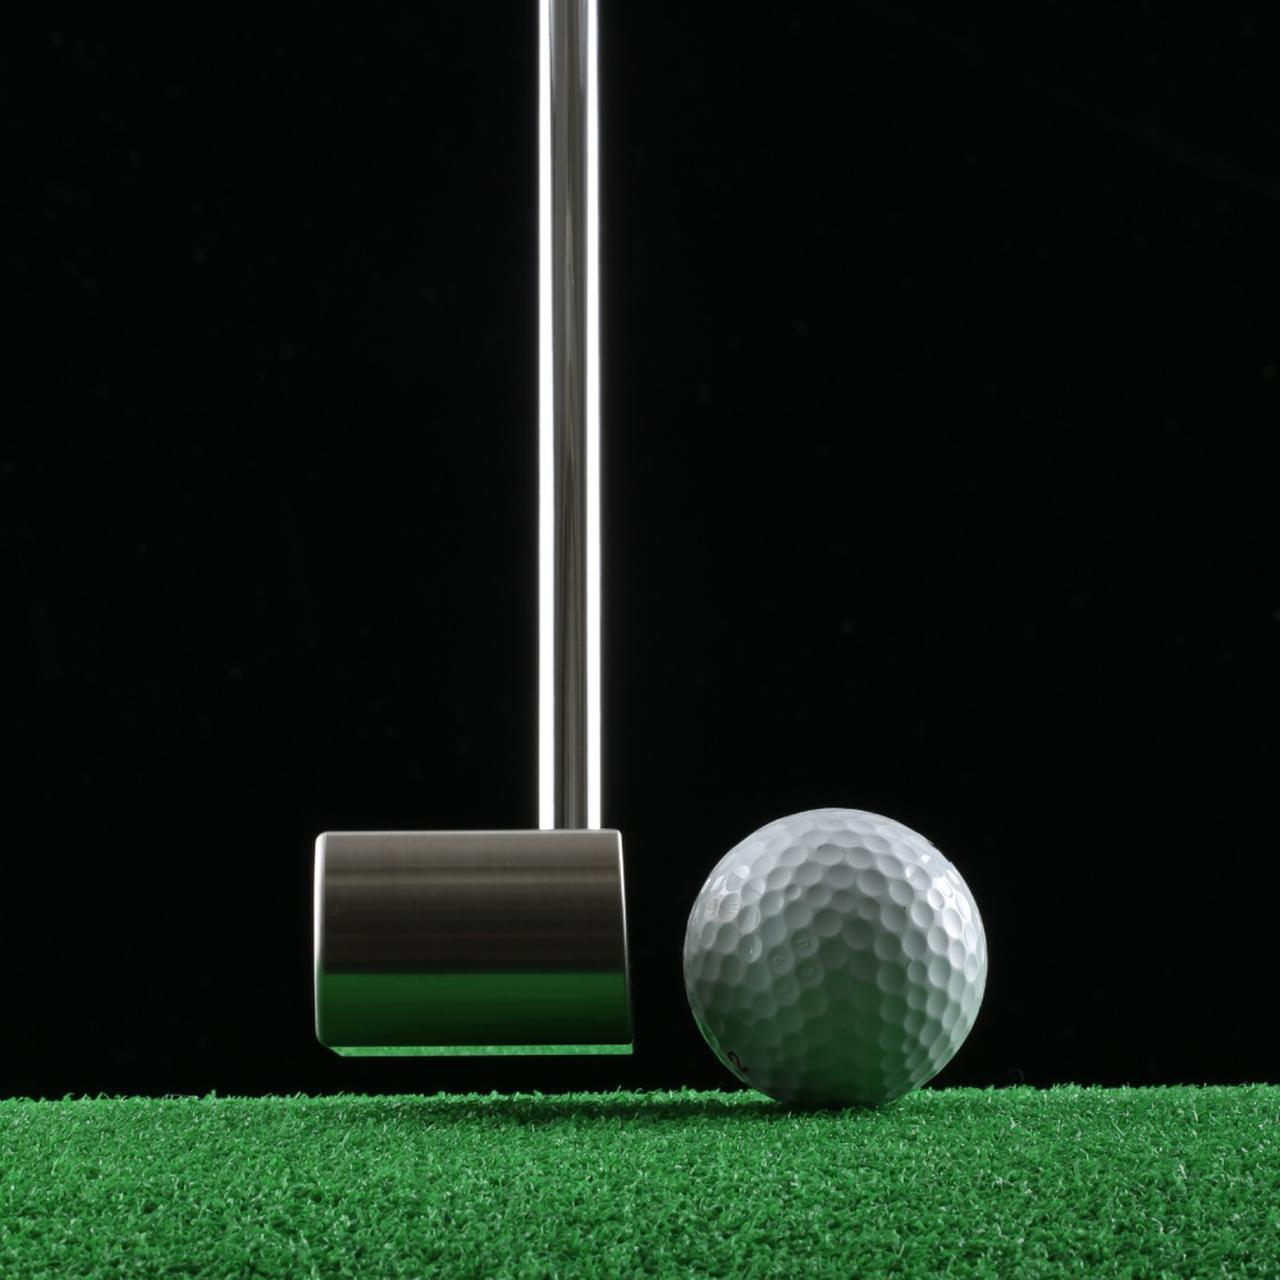 画像: 【練習用リトルパター】OH1-ゴルフダイジェスト公式通販サイト「ゴルフポケット」